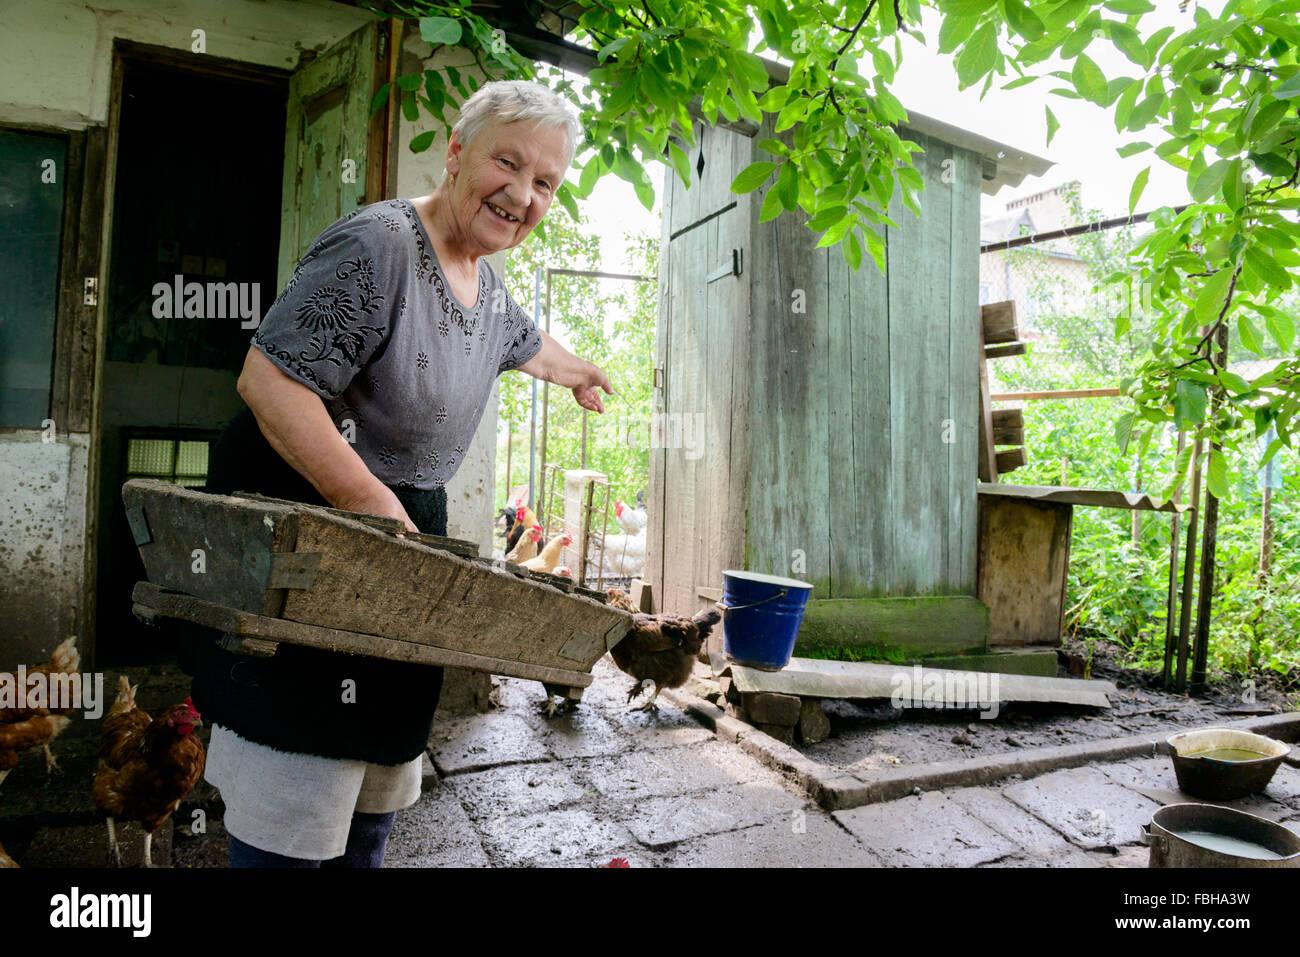 Alimentación campesina pollo grey en una finca rural privada en Ucrania Imagen De Stock